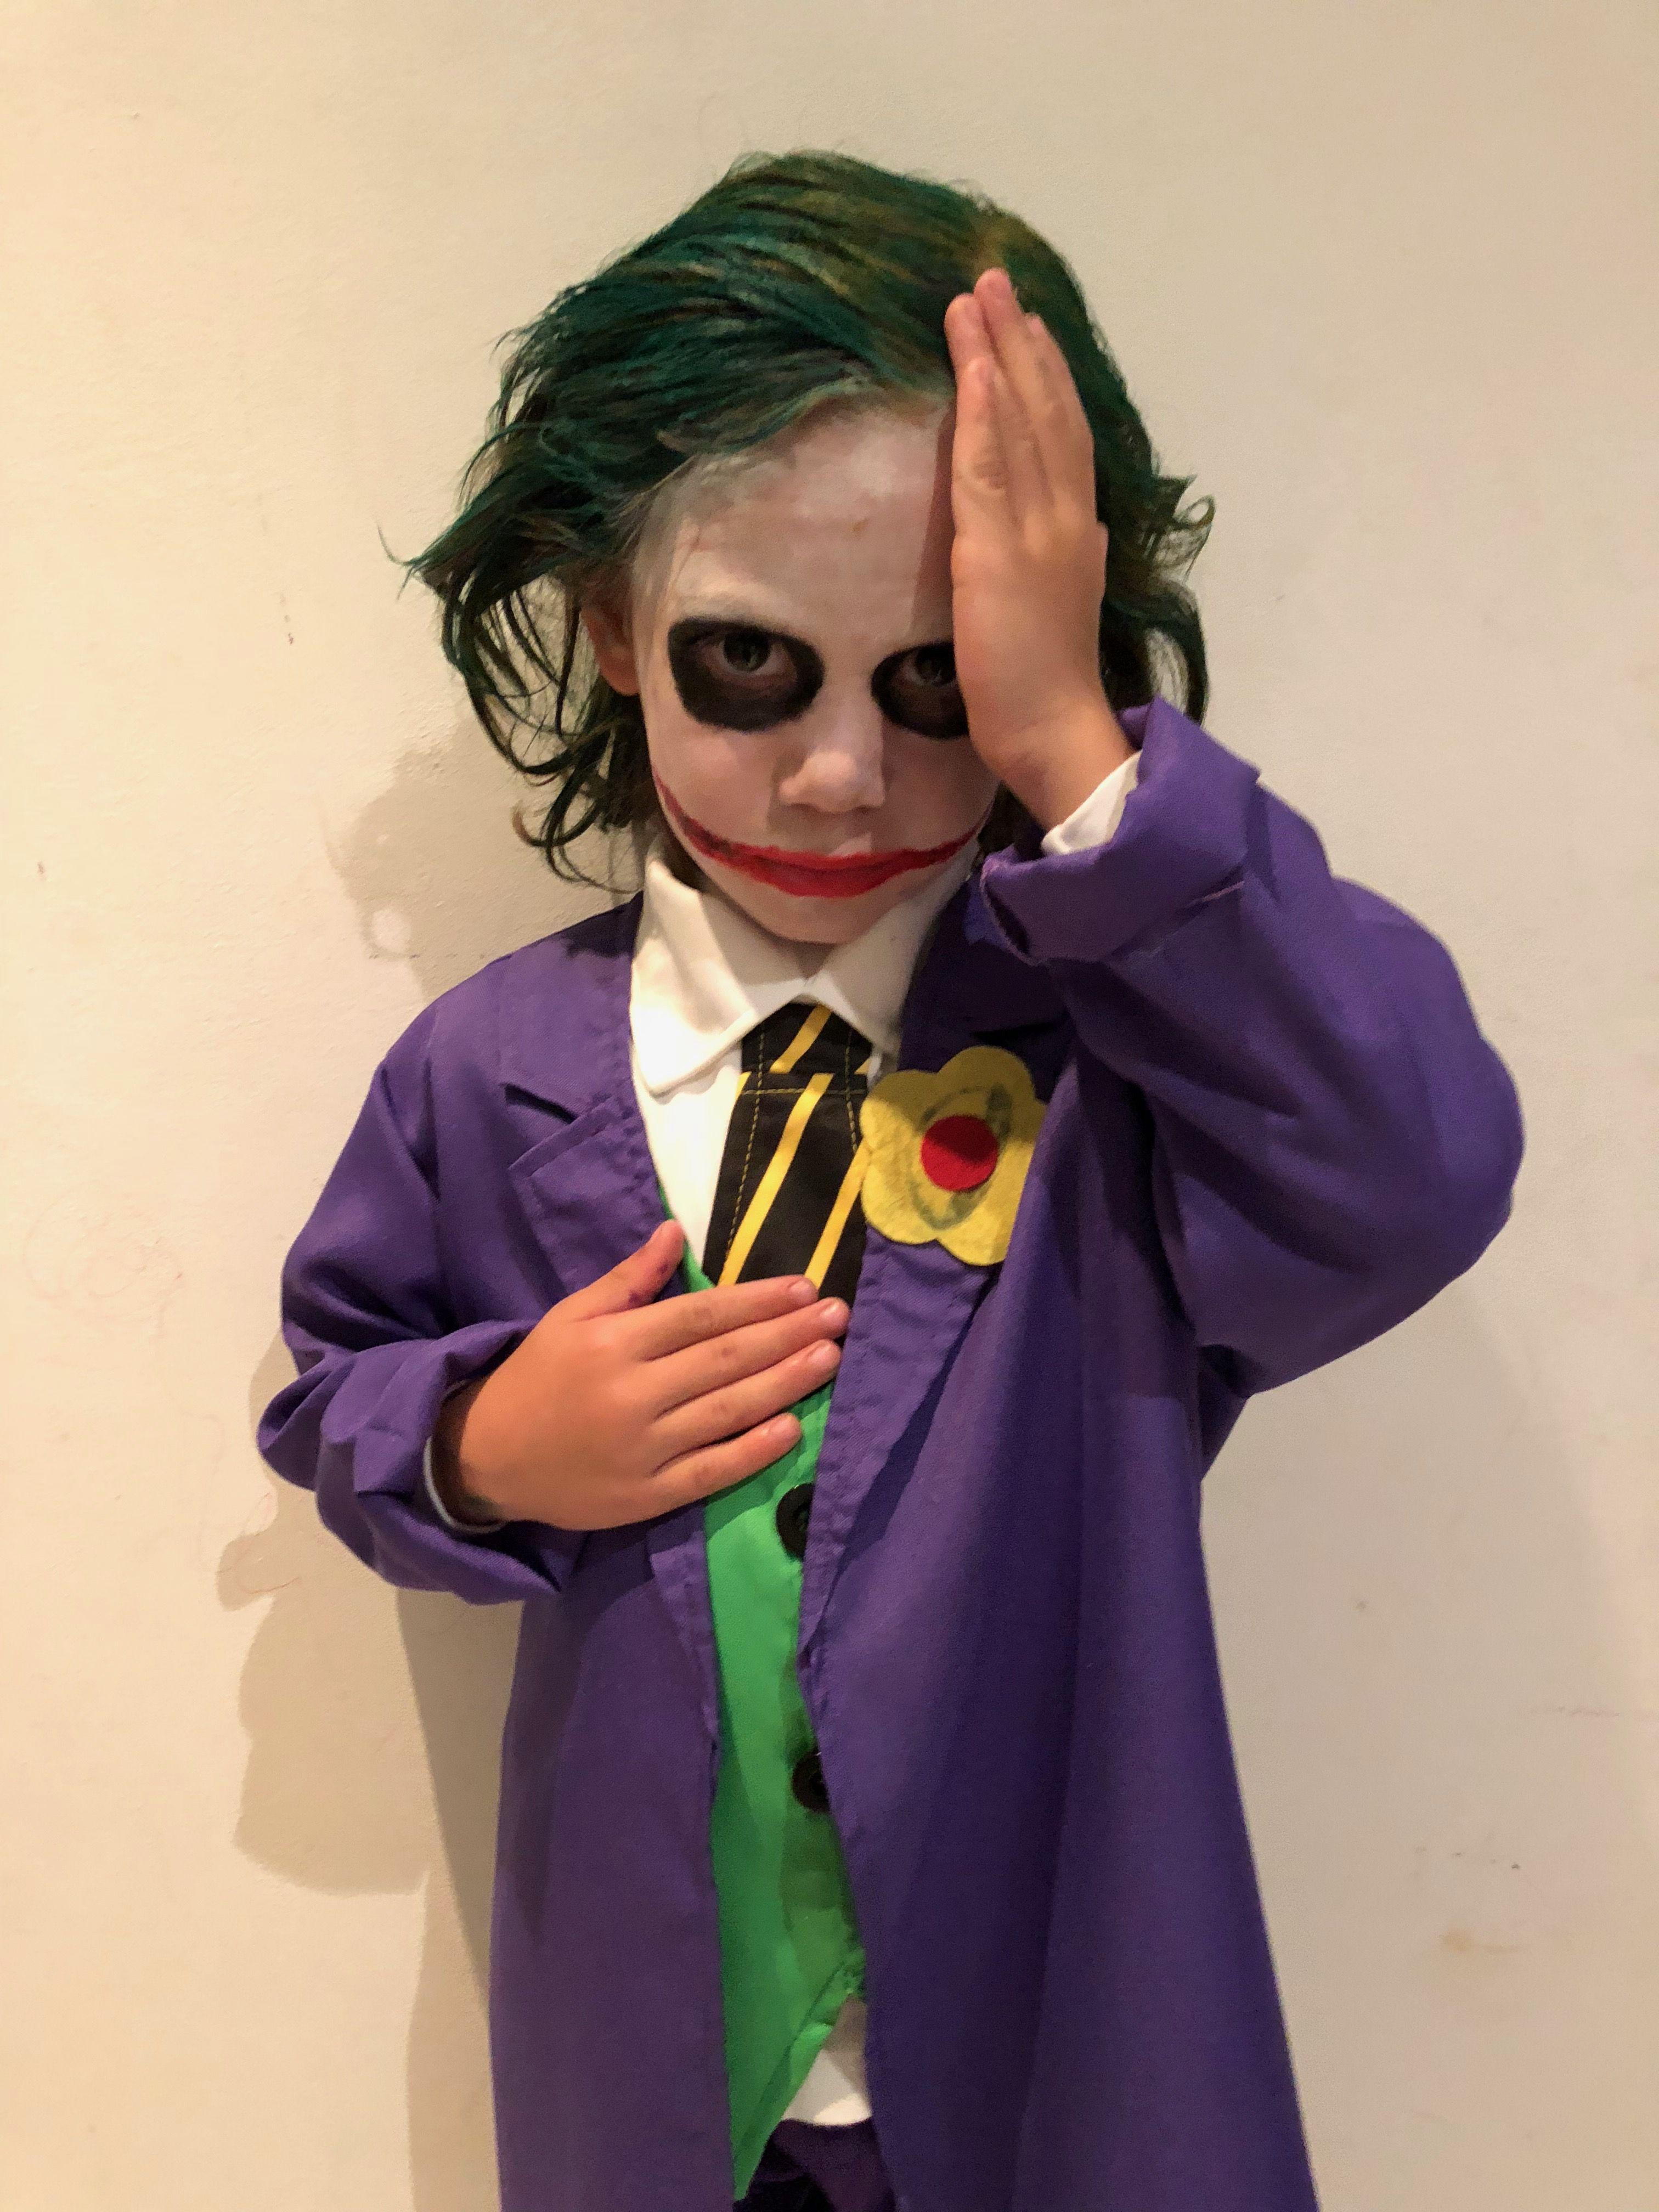 Disfraz joker ni o ni os en 2019 disfraz de joker para - Disfraz joker casero ...